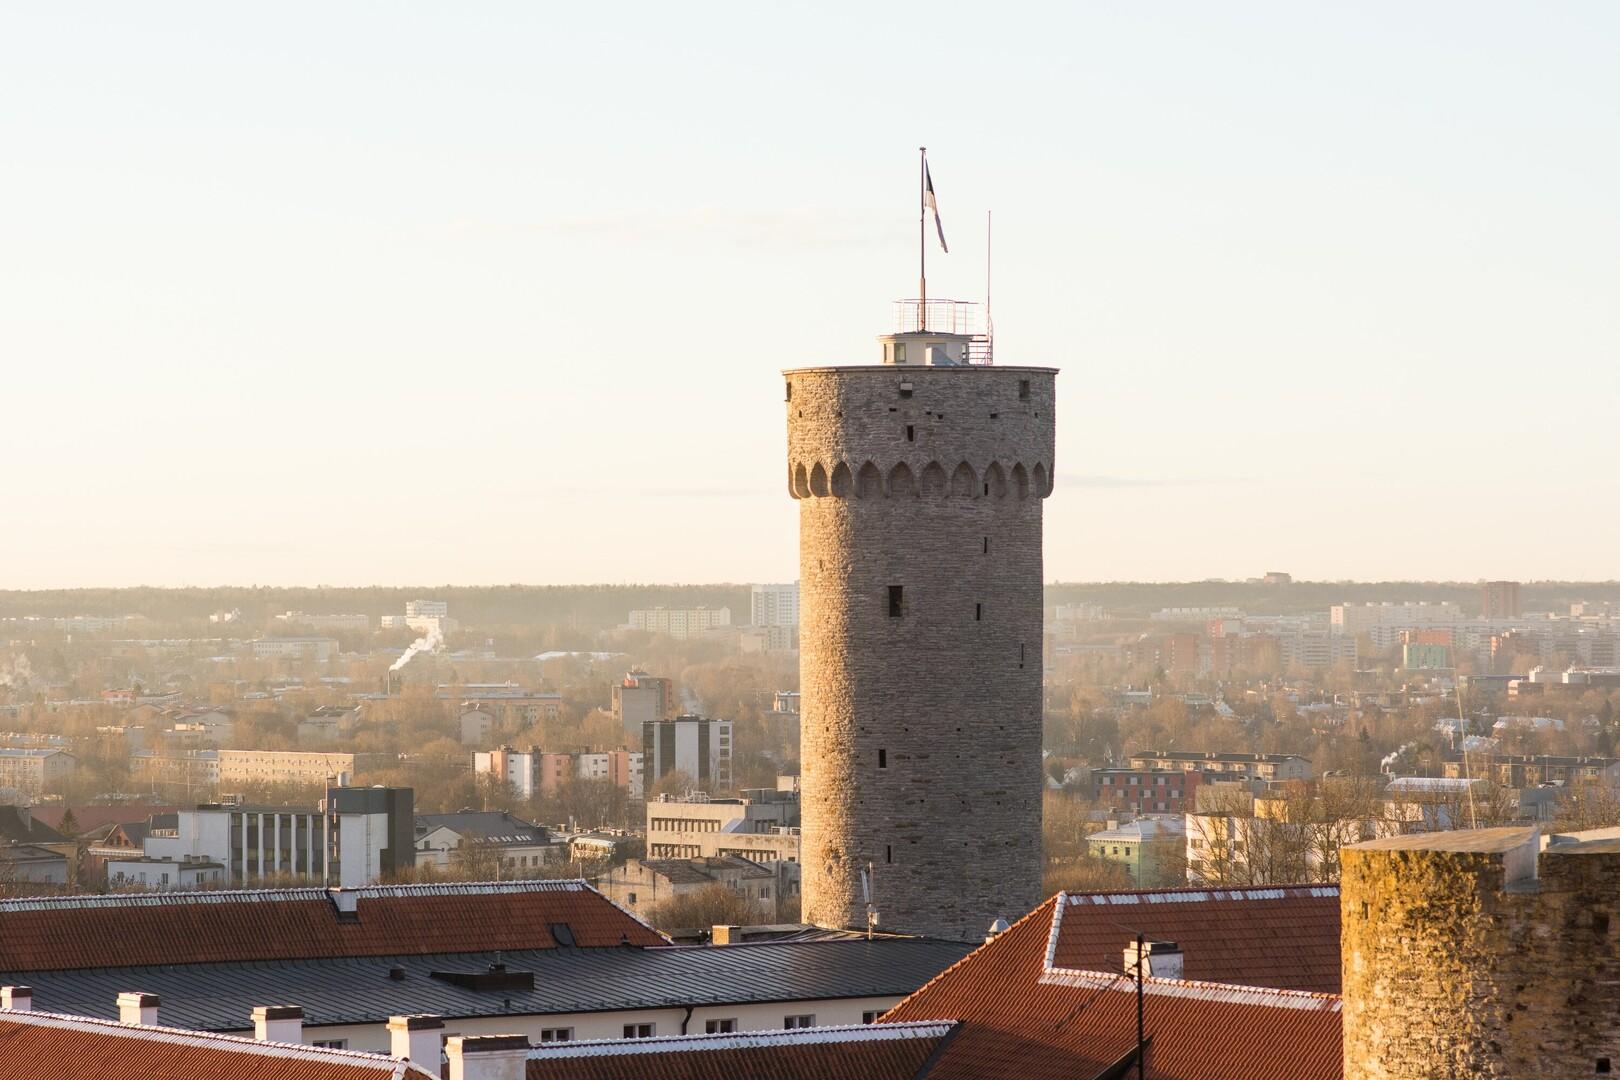 err 1 2 Tere tulemast eesti rahvusringhäälingu ametlikule youtube´i kanalile welcome to the official estonian public broadcasting channel on youtube käesolevate au.